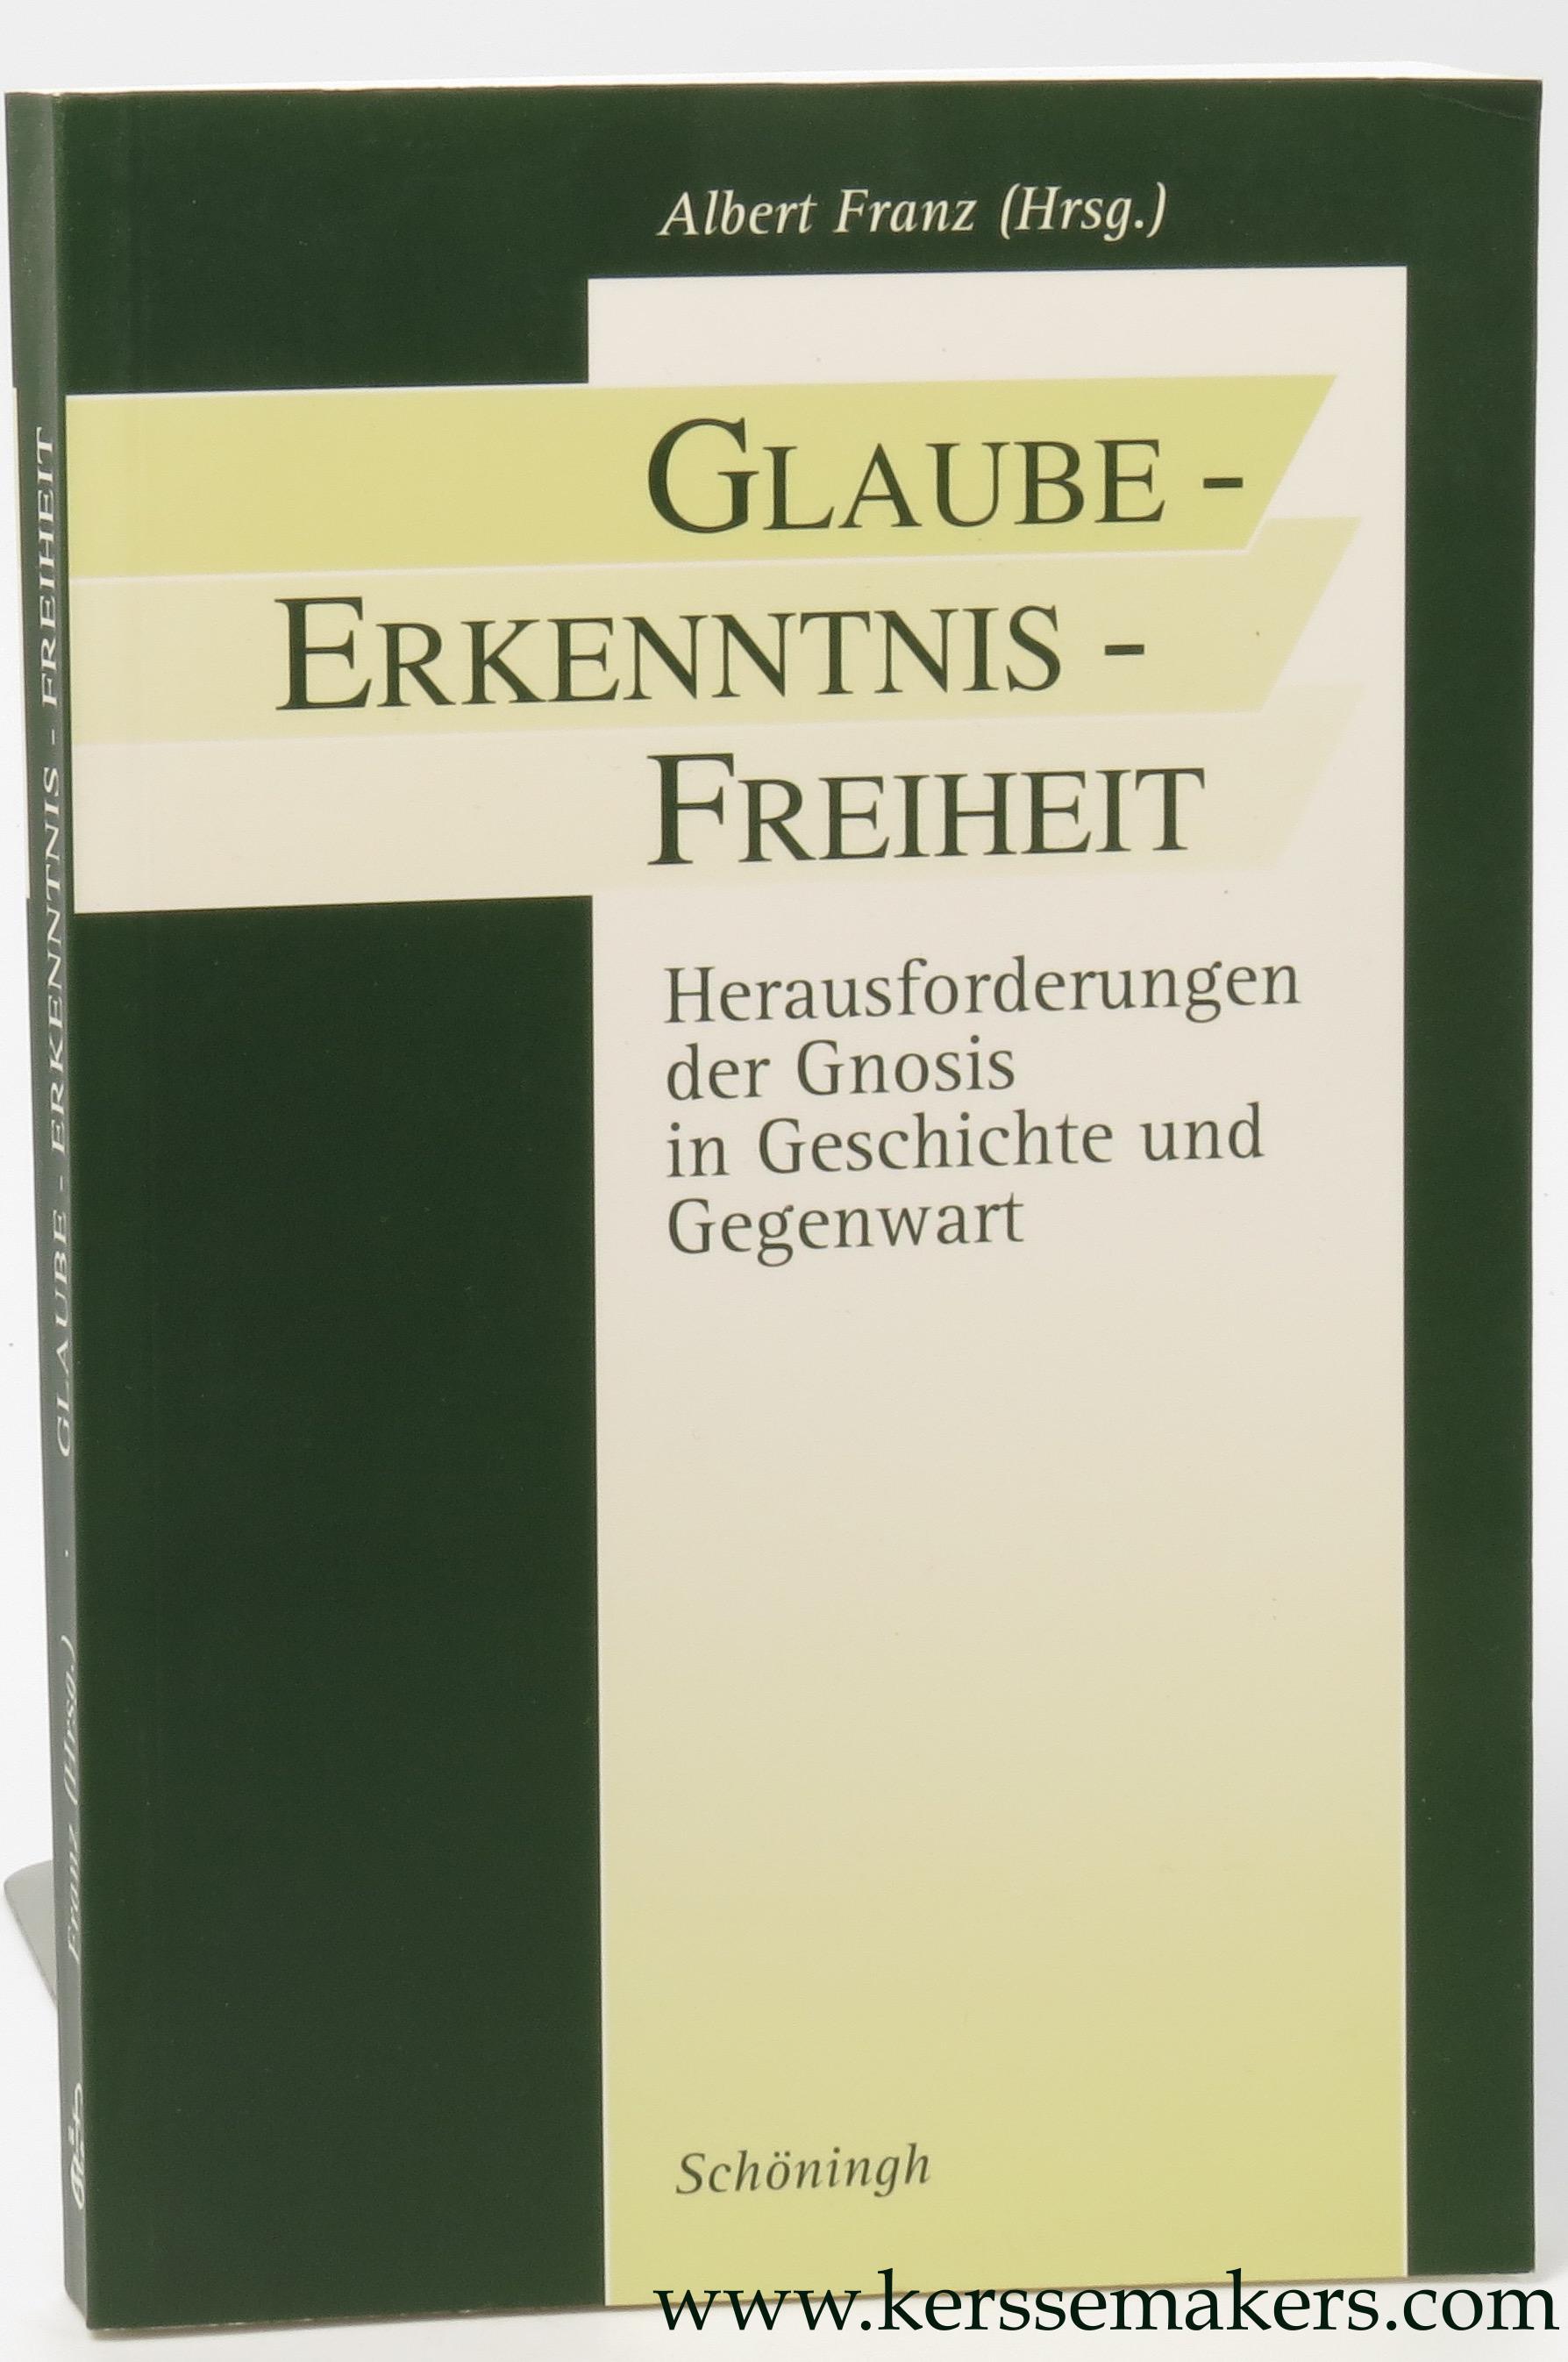 FRANZ, ALBERT (ED.). - Glaube - Erkenntnis - Freiheit. Herausforderungen der Gnosis in Geschichte und Gegenwart.